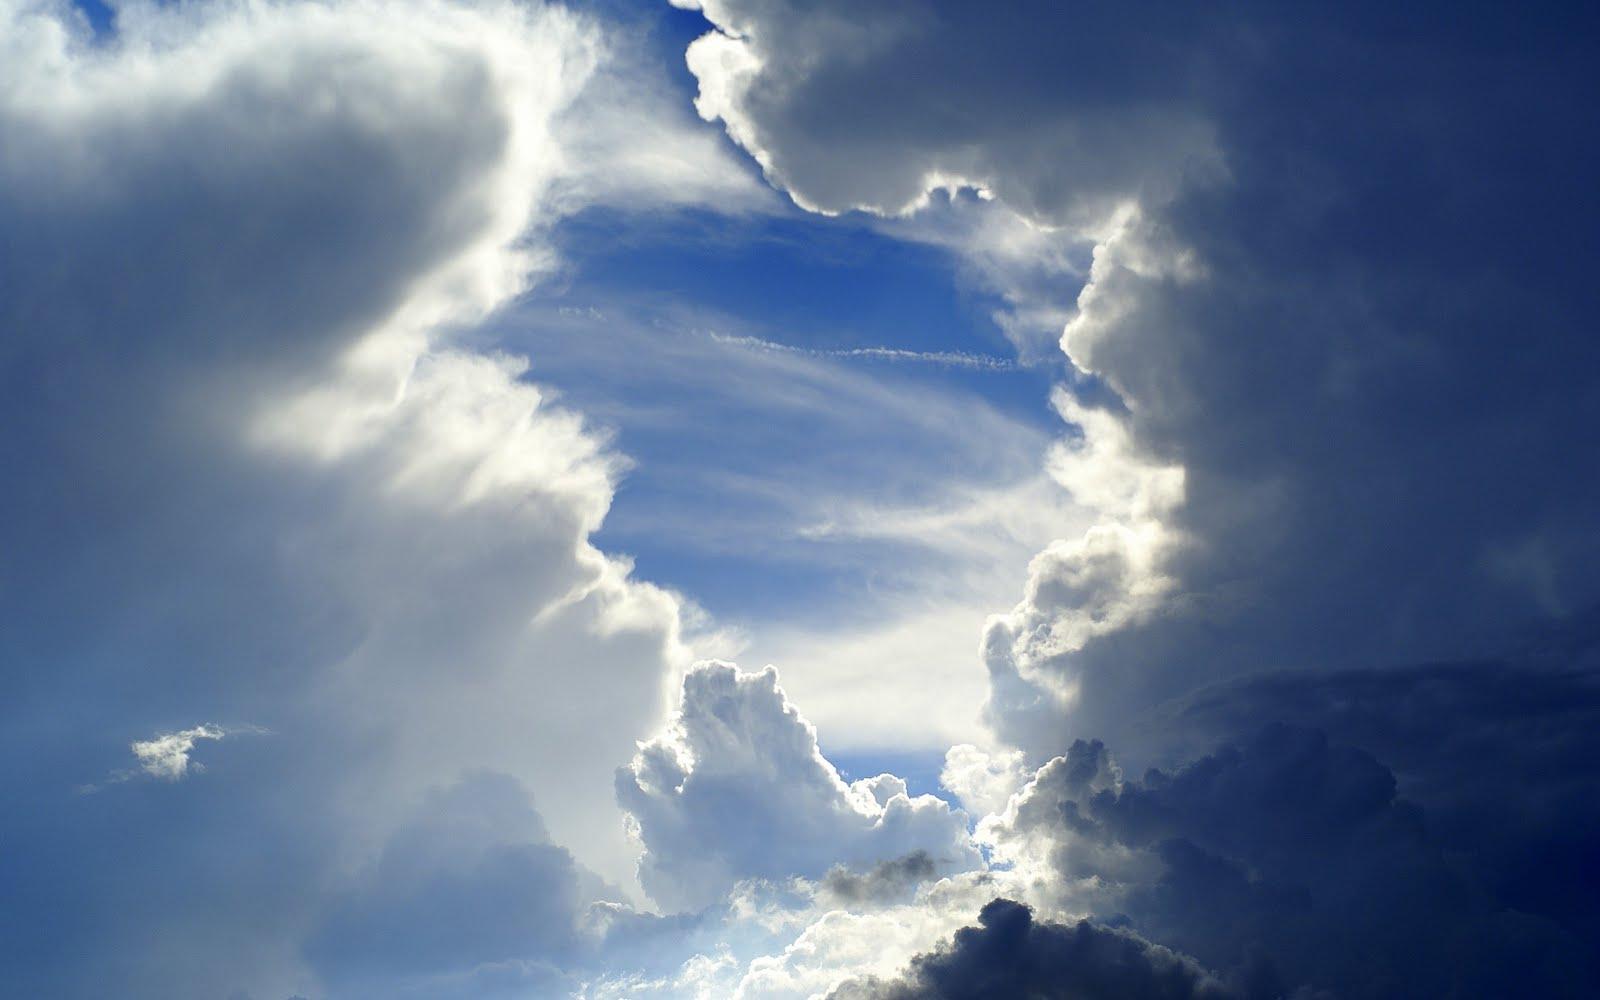 http://1.bp.blogspot.com/-5qwemzaEnkg/TghjyHN1GxI/AAAAAAAAAvc/DeFYbGzY990/s1600/Sky-HD-Wallpapers-8.jpg